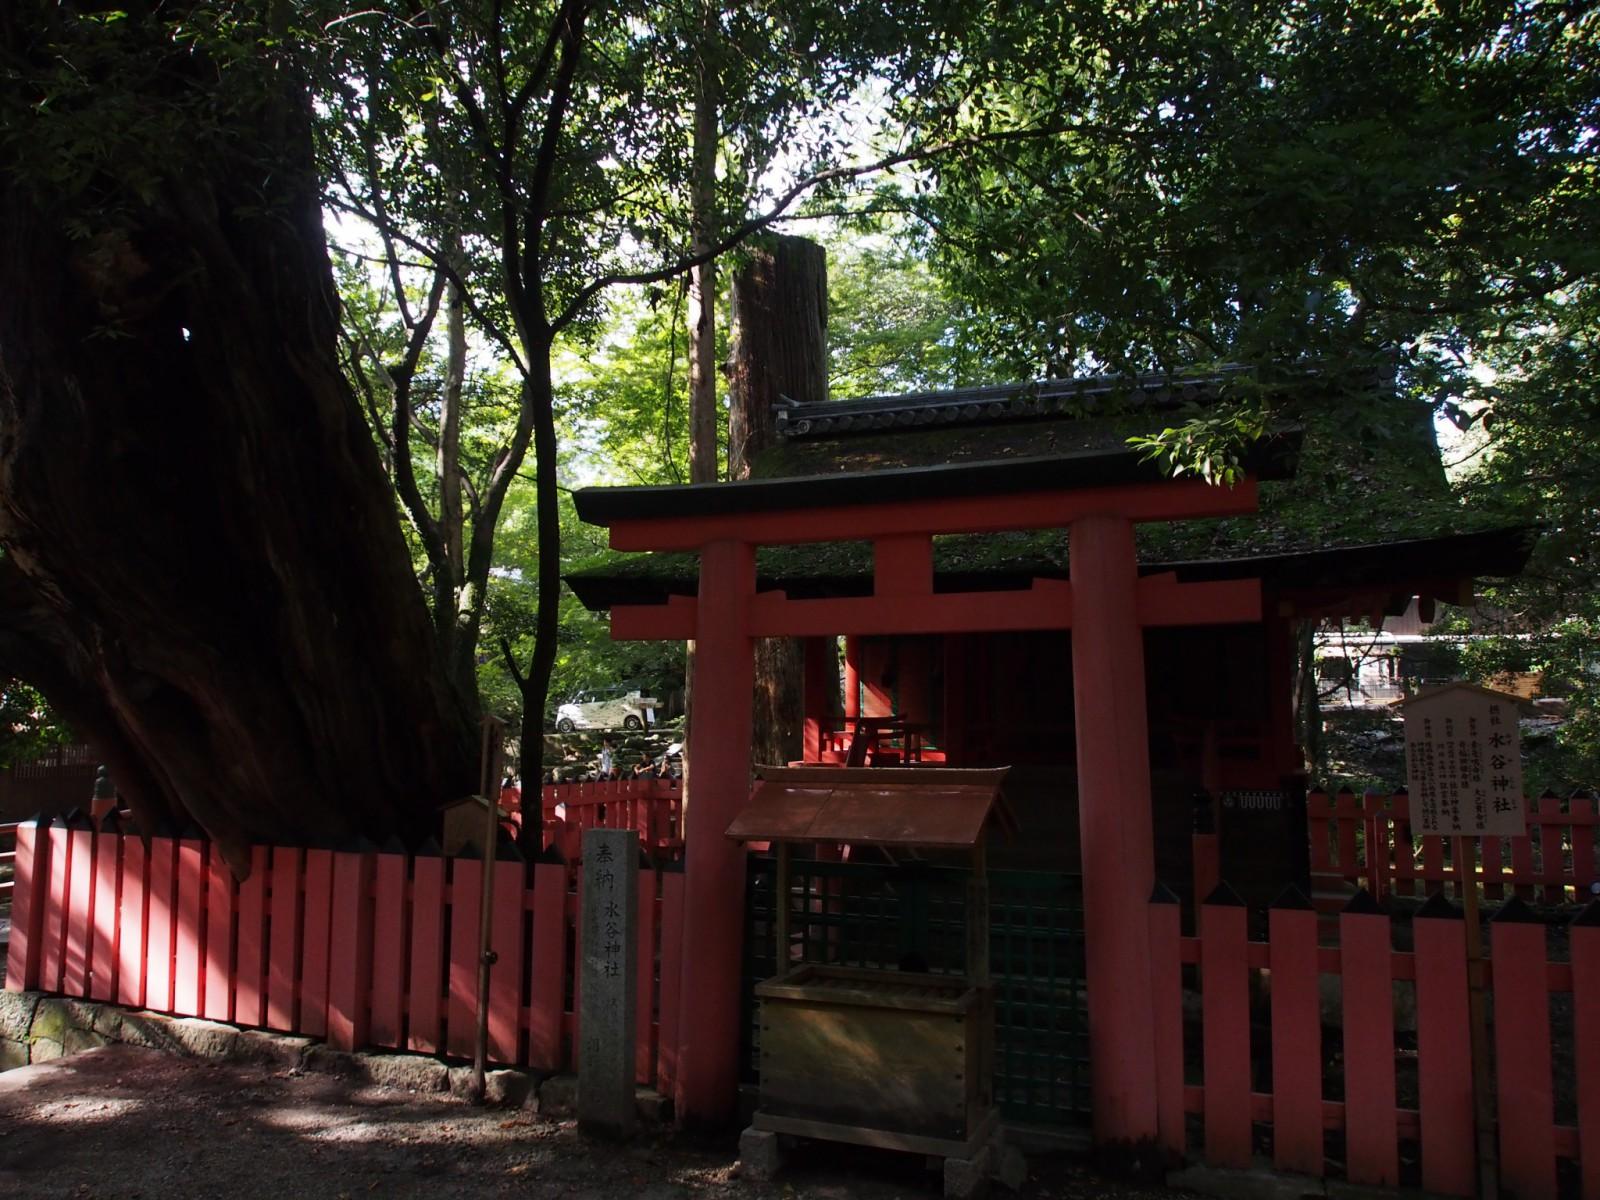 水谷神社(春日大社)の鳥居周辺